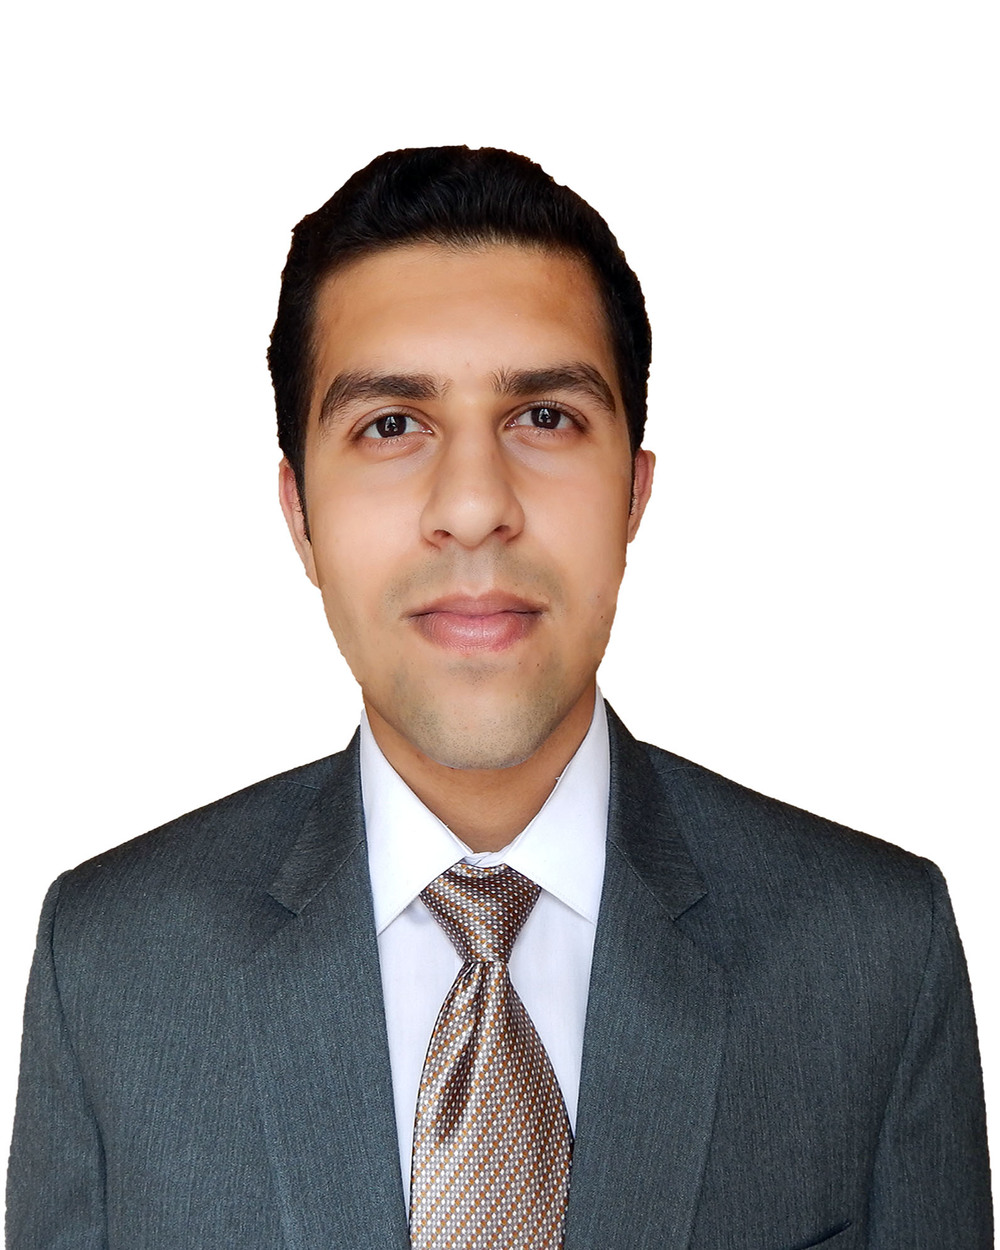 Farhan Javed